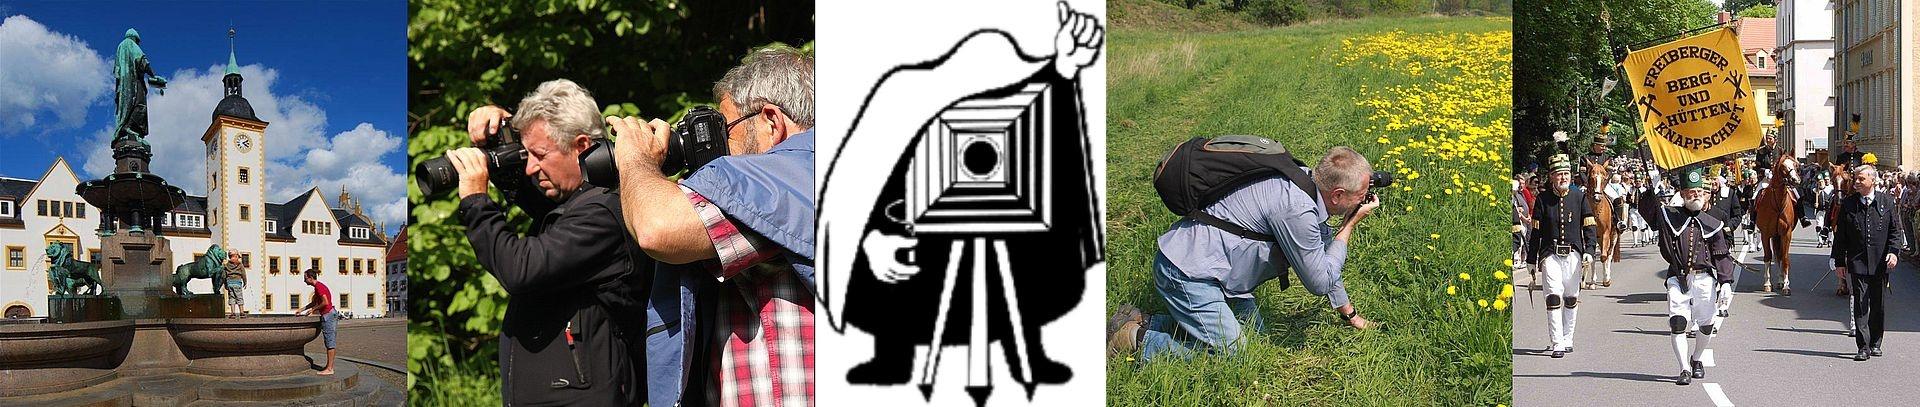 70 Jahre Freiberger Fotofreunde